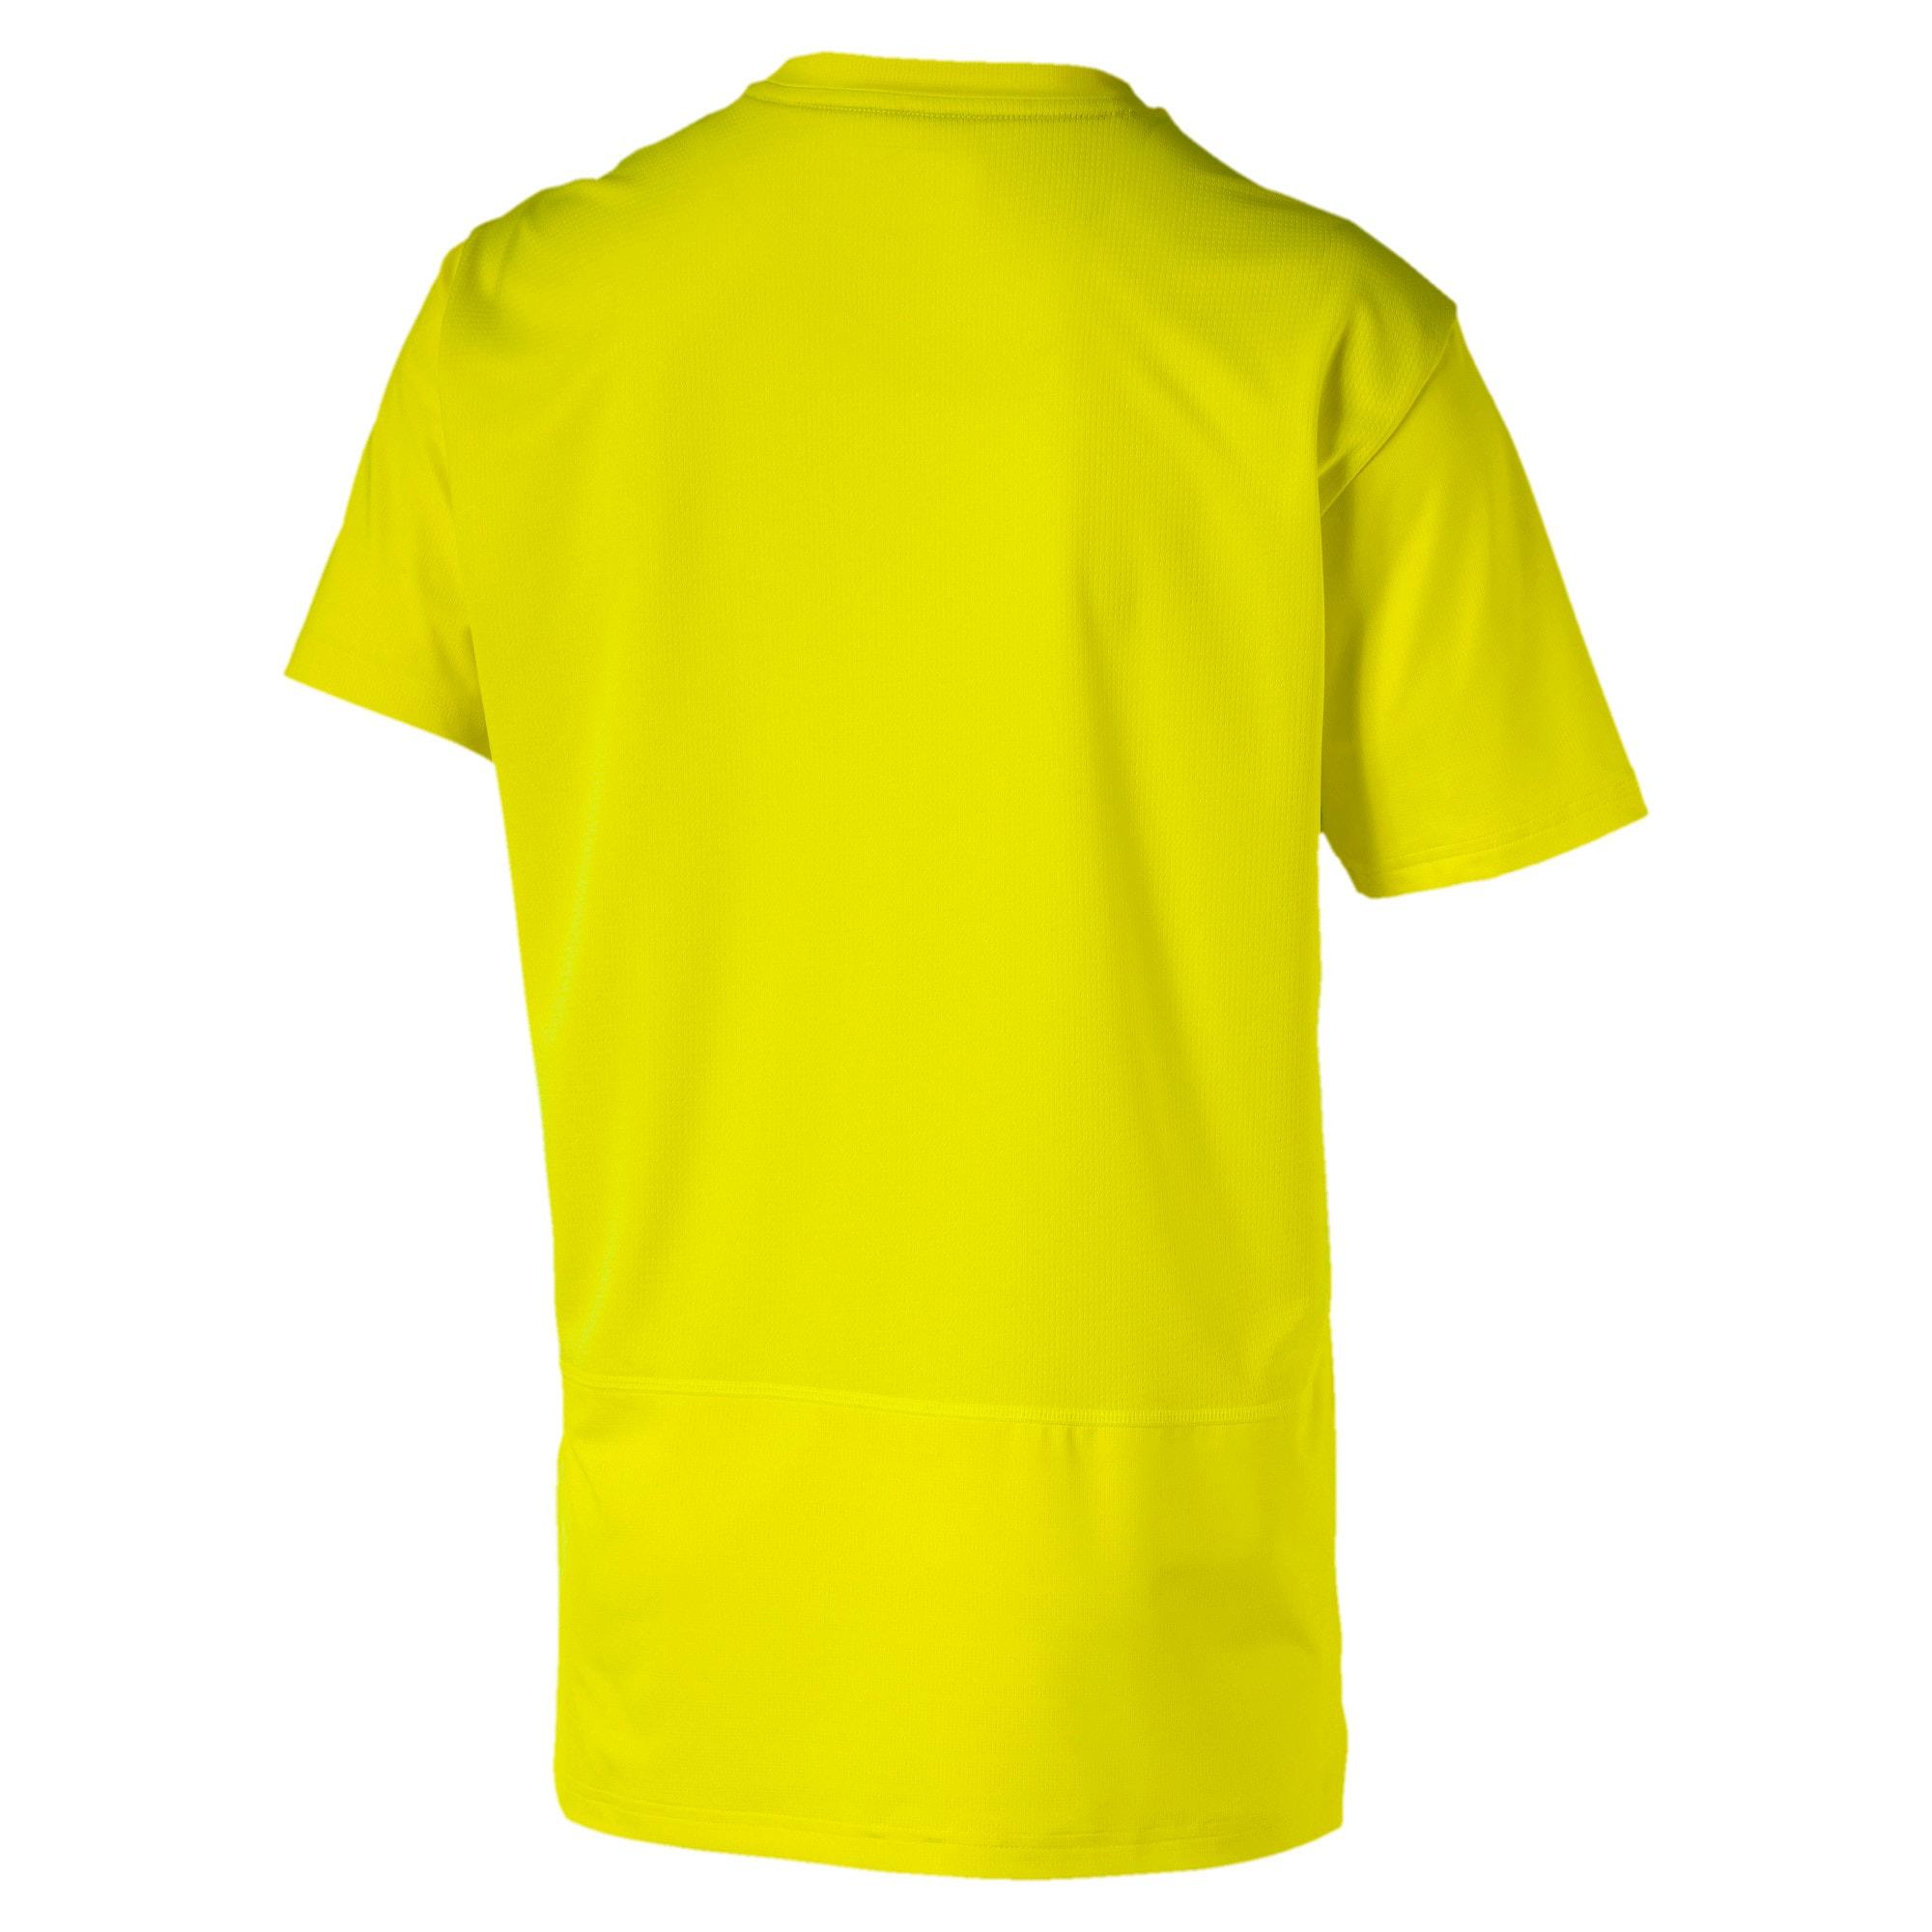 Miniatura 5 de Camiseta reflectante Tech para hombre, Yellow Alert, mediano